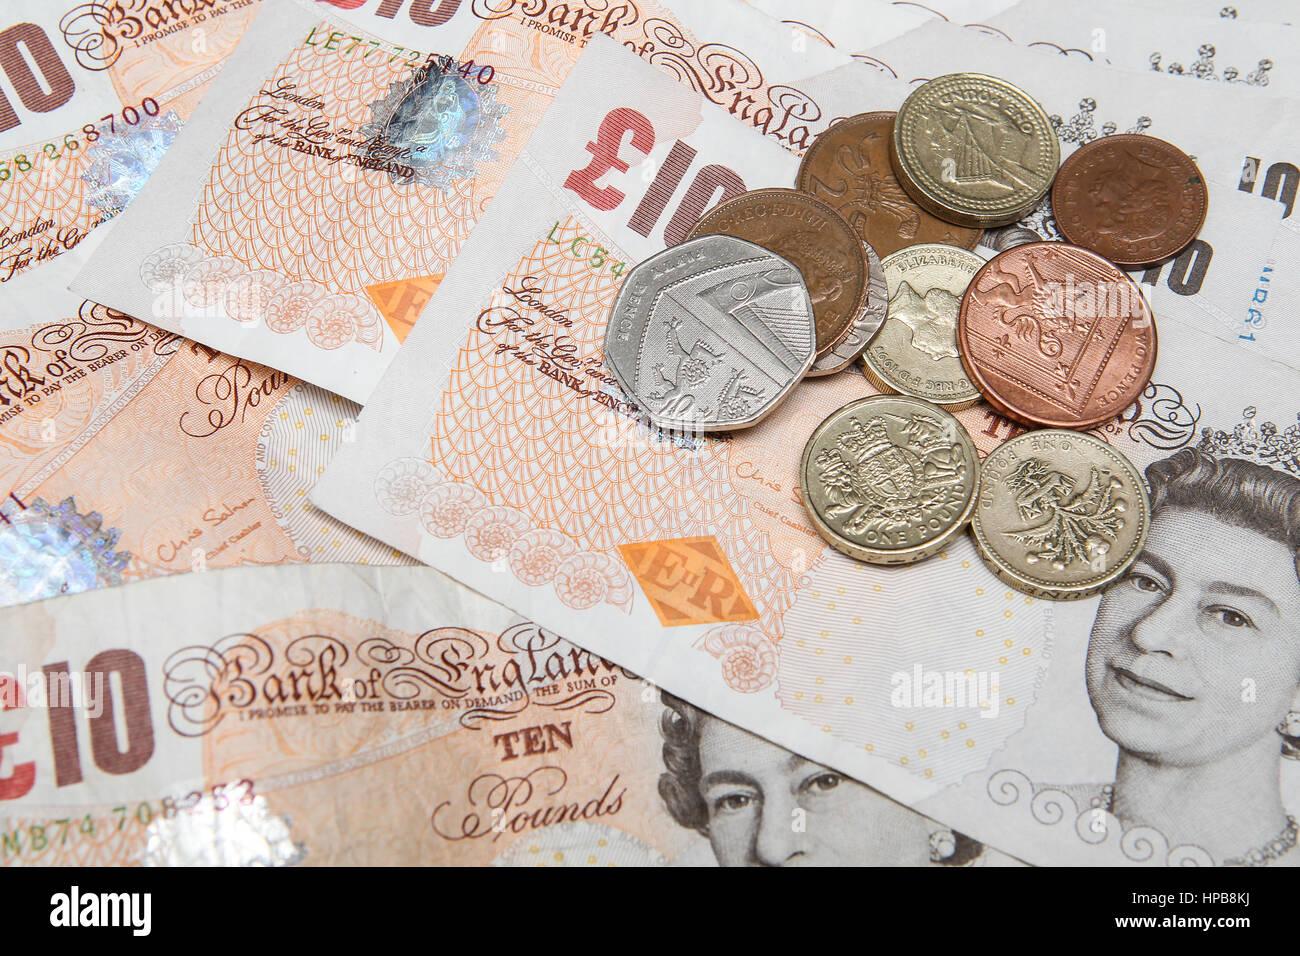 UK-Geld-Banknoten und-Münzen britische Pfund Sterling